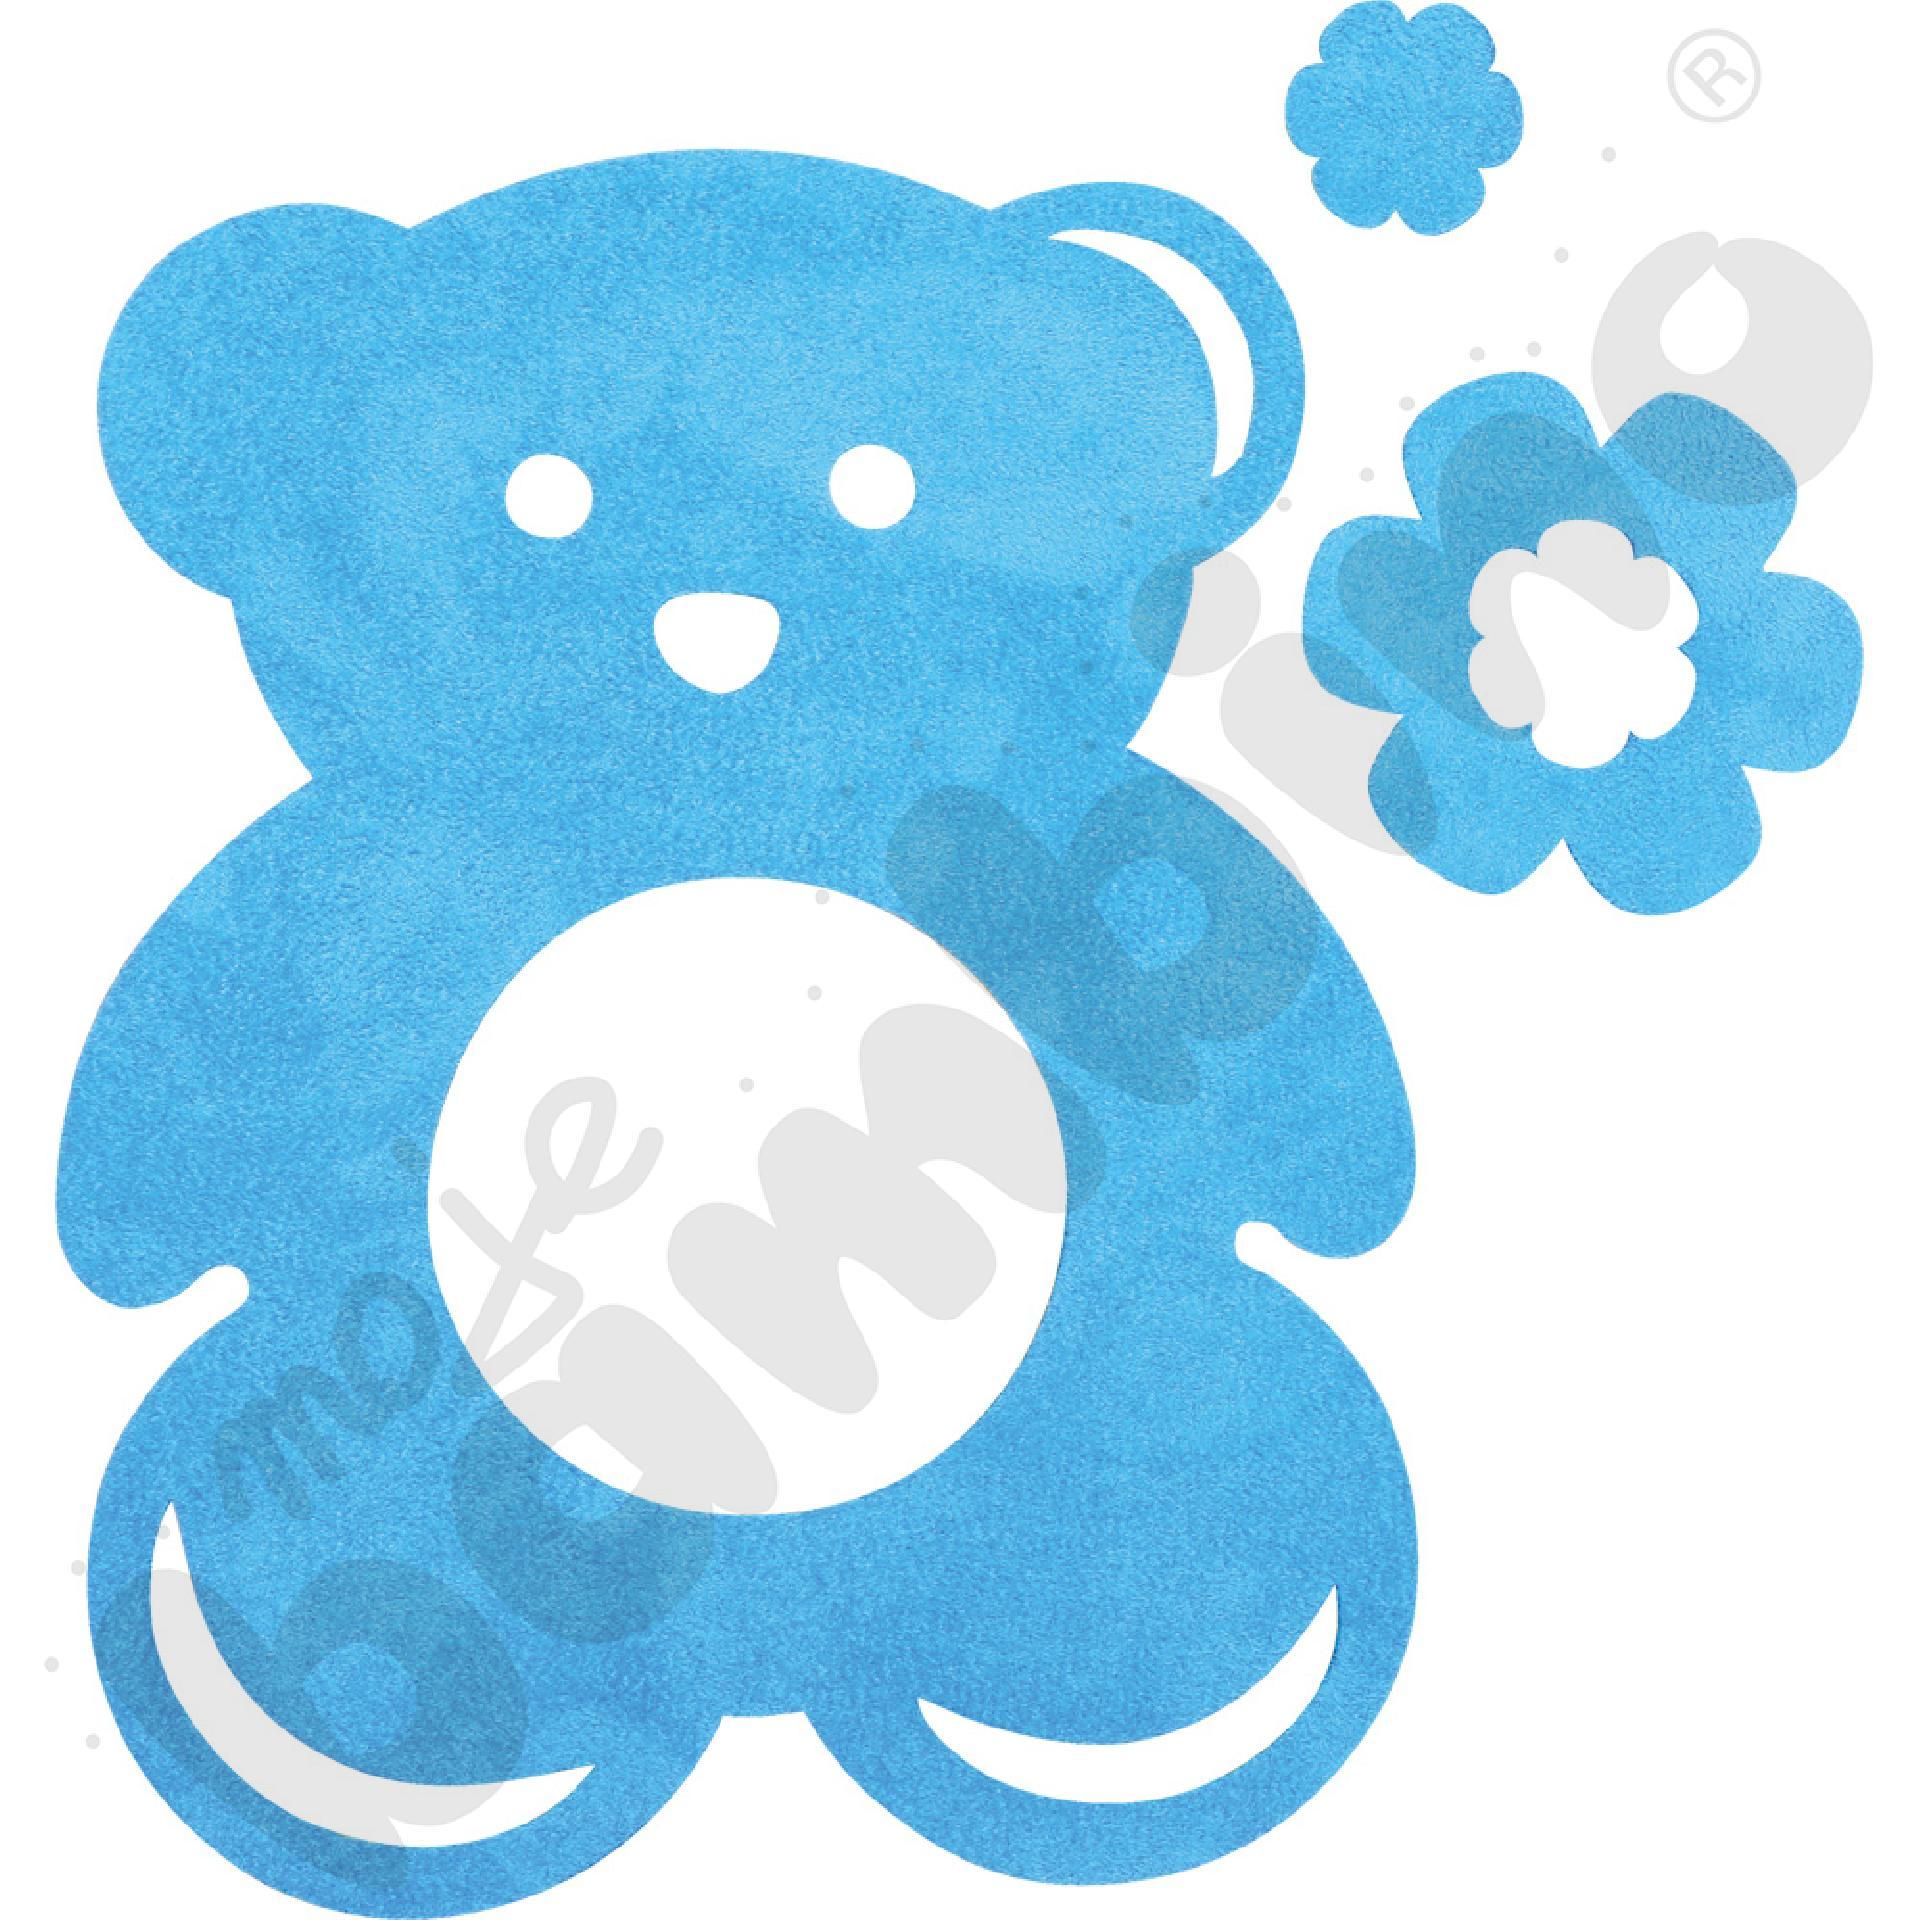 Osłonka pod gniazdko - niebieski miś